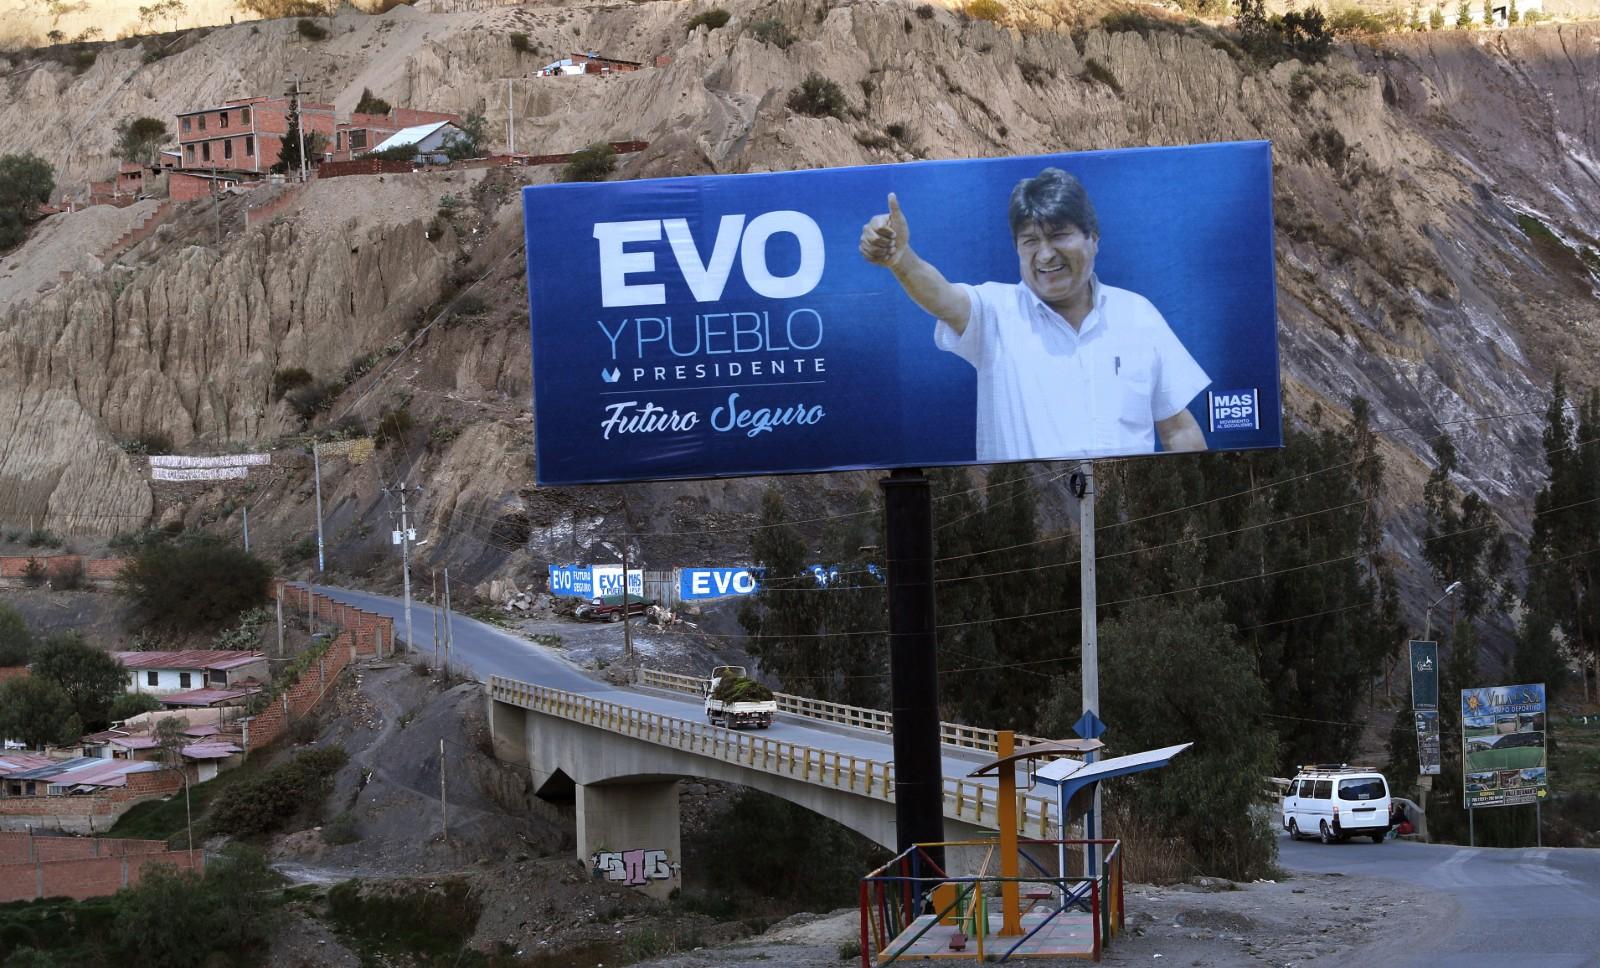 Affiche de campagne pour le président sortant Evo Morales, octobre 2019 ©Juan Karita/AP/SIPA Numéro de reportage: AP22386620_000001